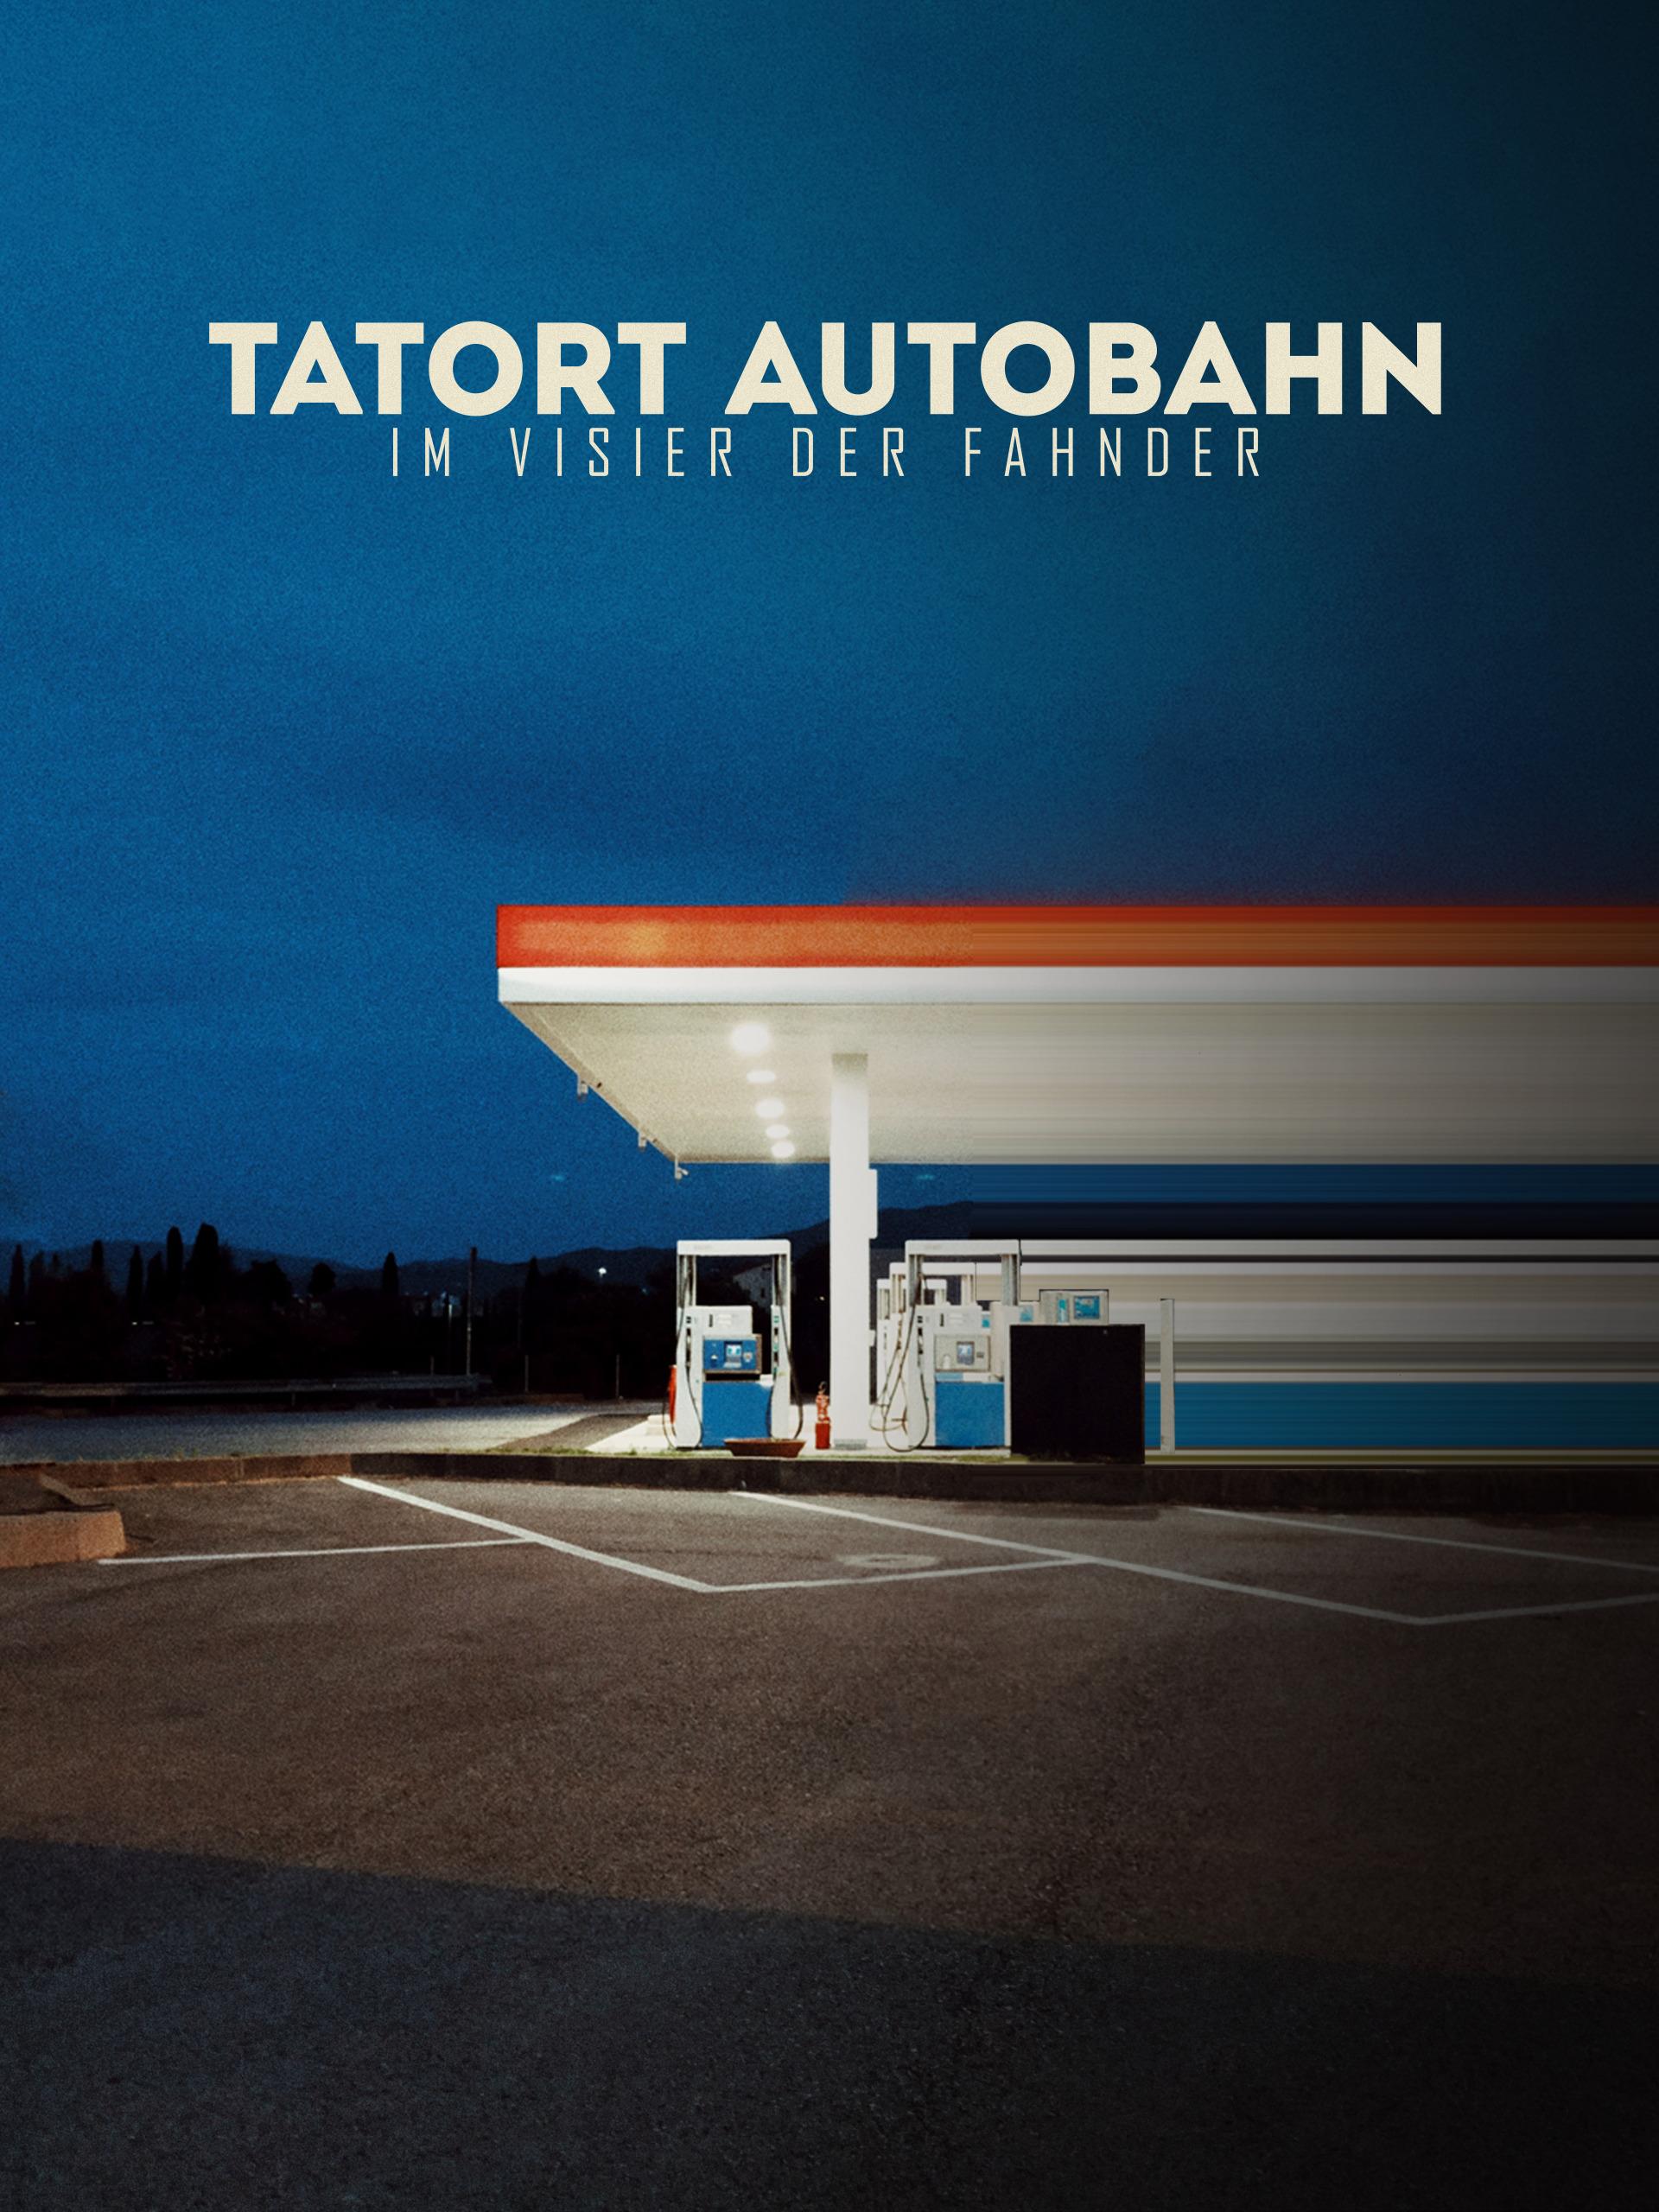 Tatort Autobahn - Im Visier der Fahnder